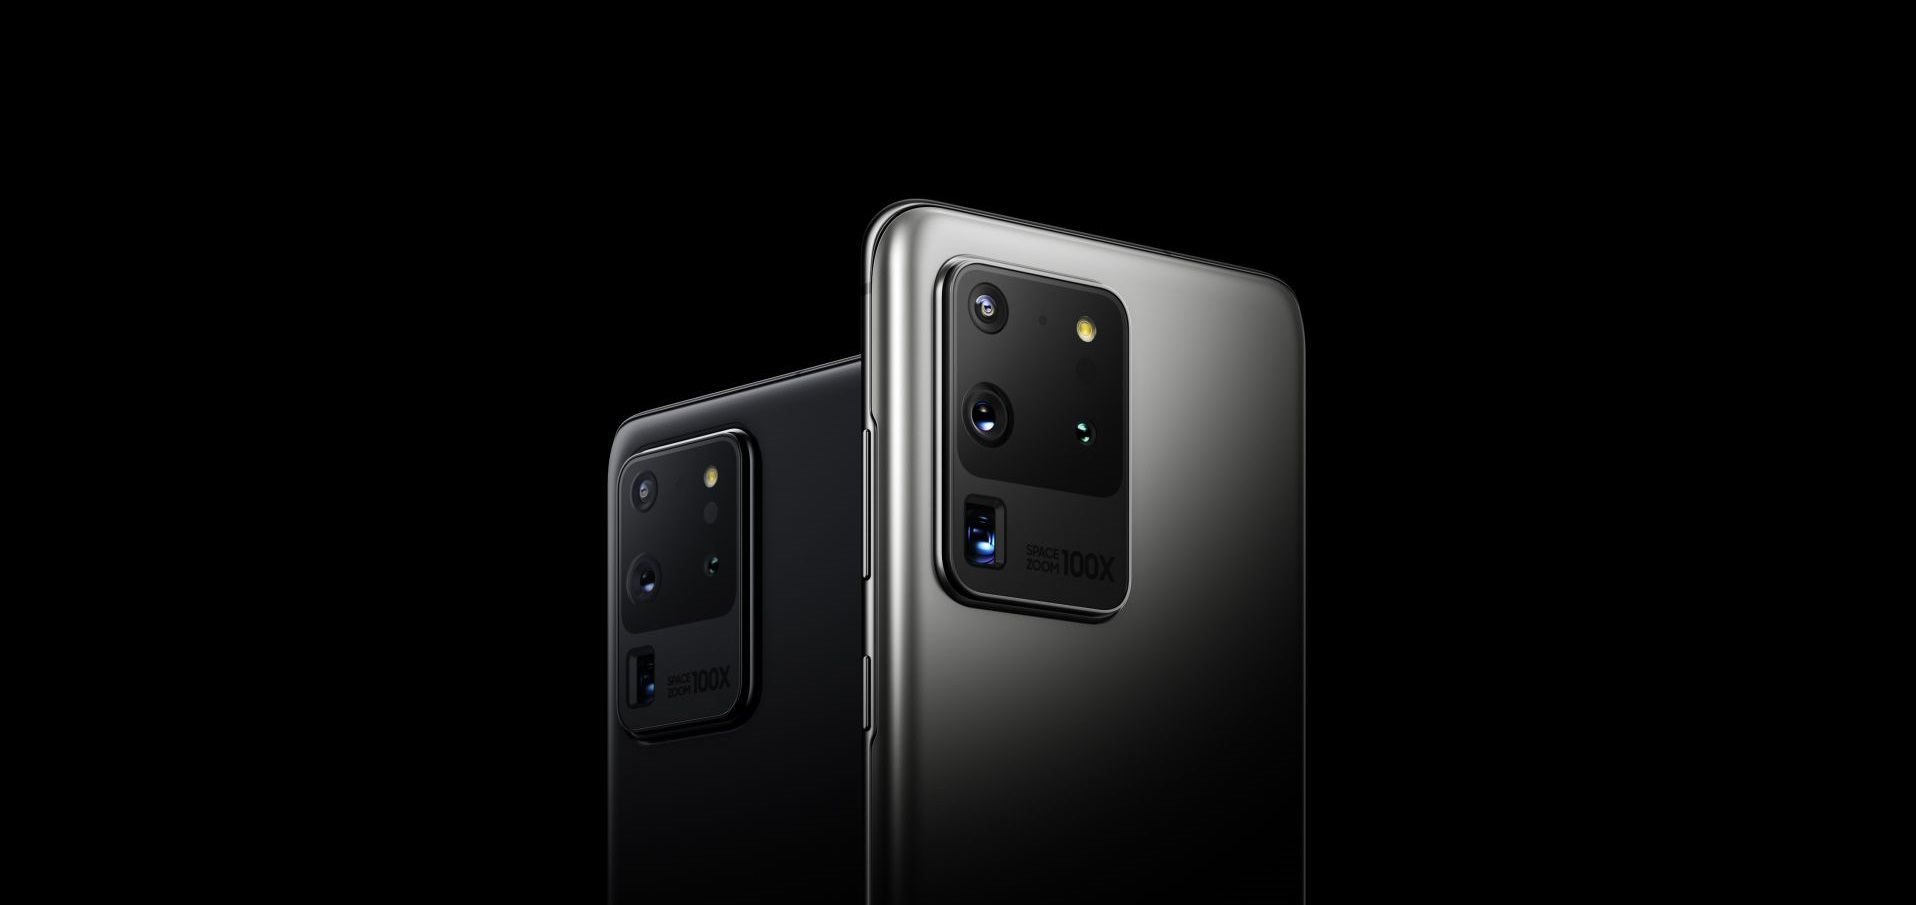 Samsung Galaxy S20 Ultra